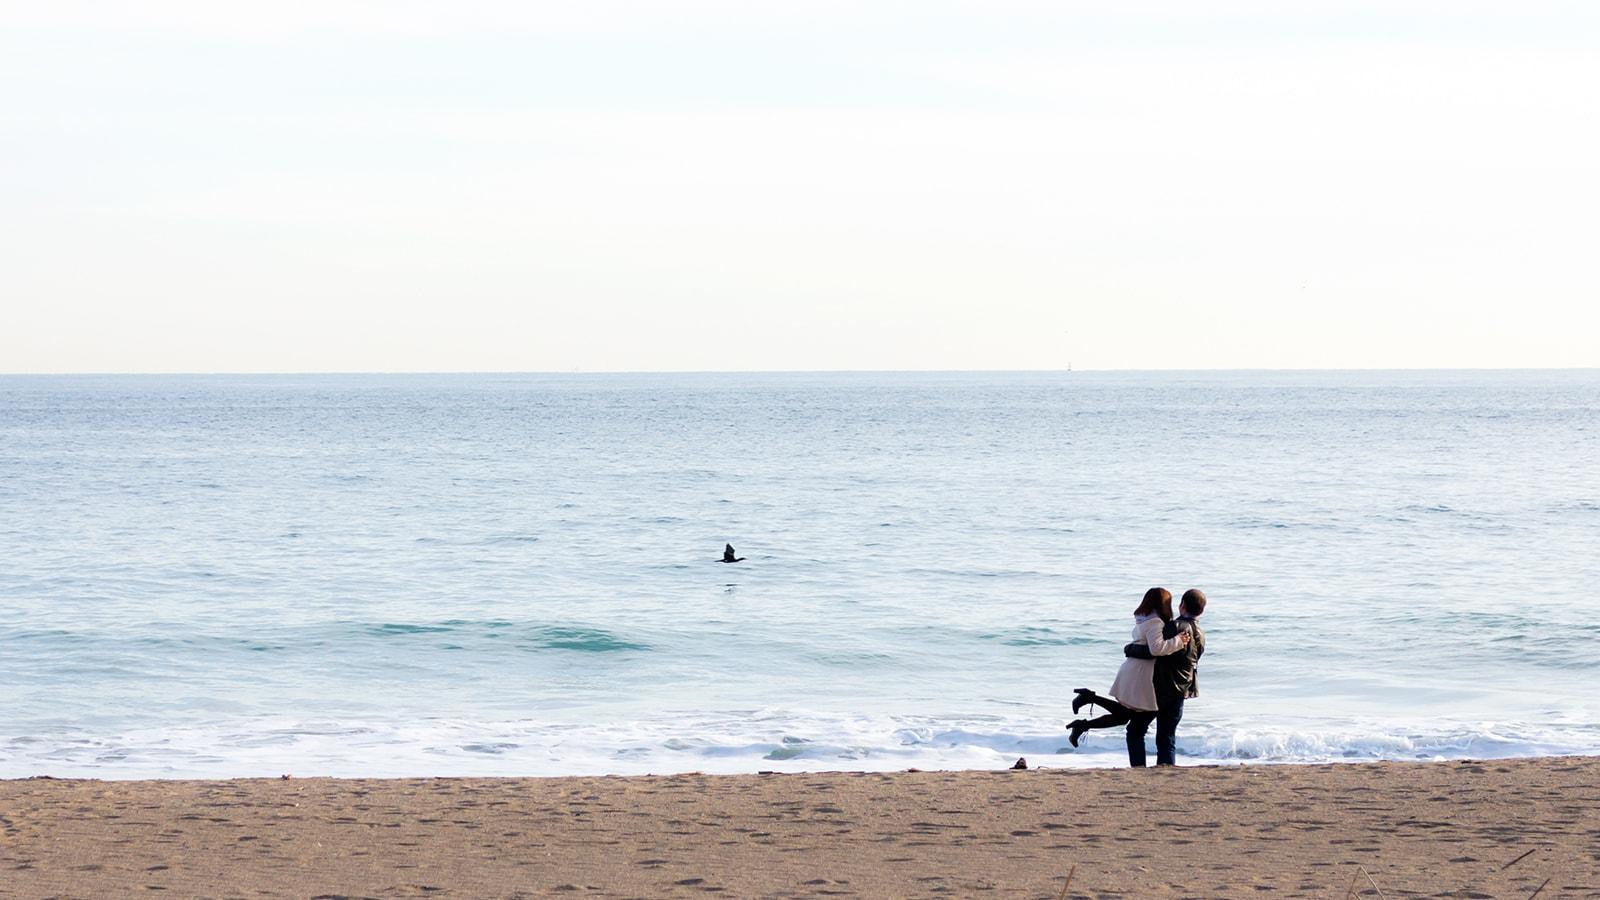 映画やドラマのワンシーンのような恋人たちの光景にも出会える恋路ヶ浜 - -愛知県田原市にある観光、撮影スポット- -